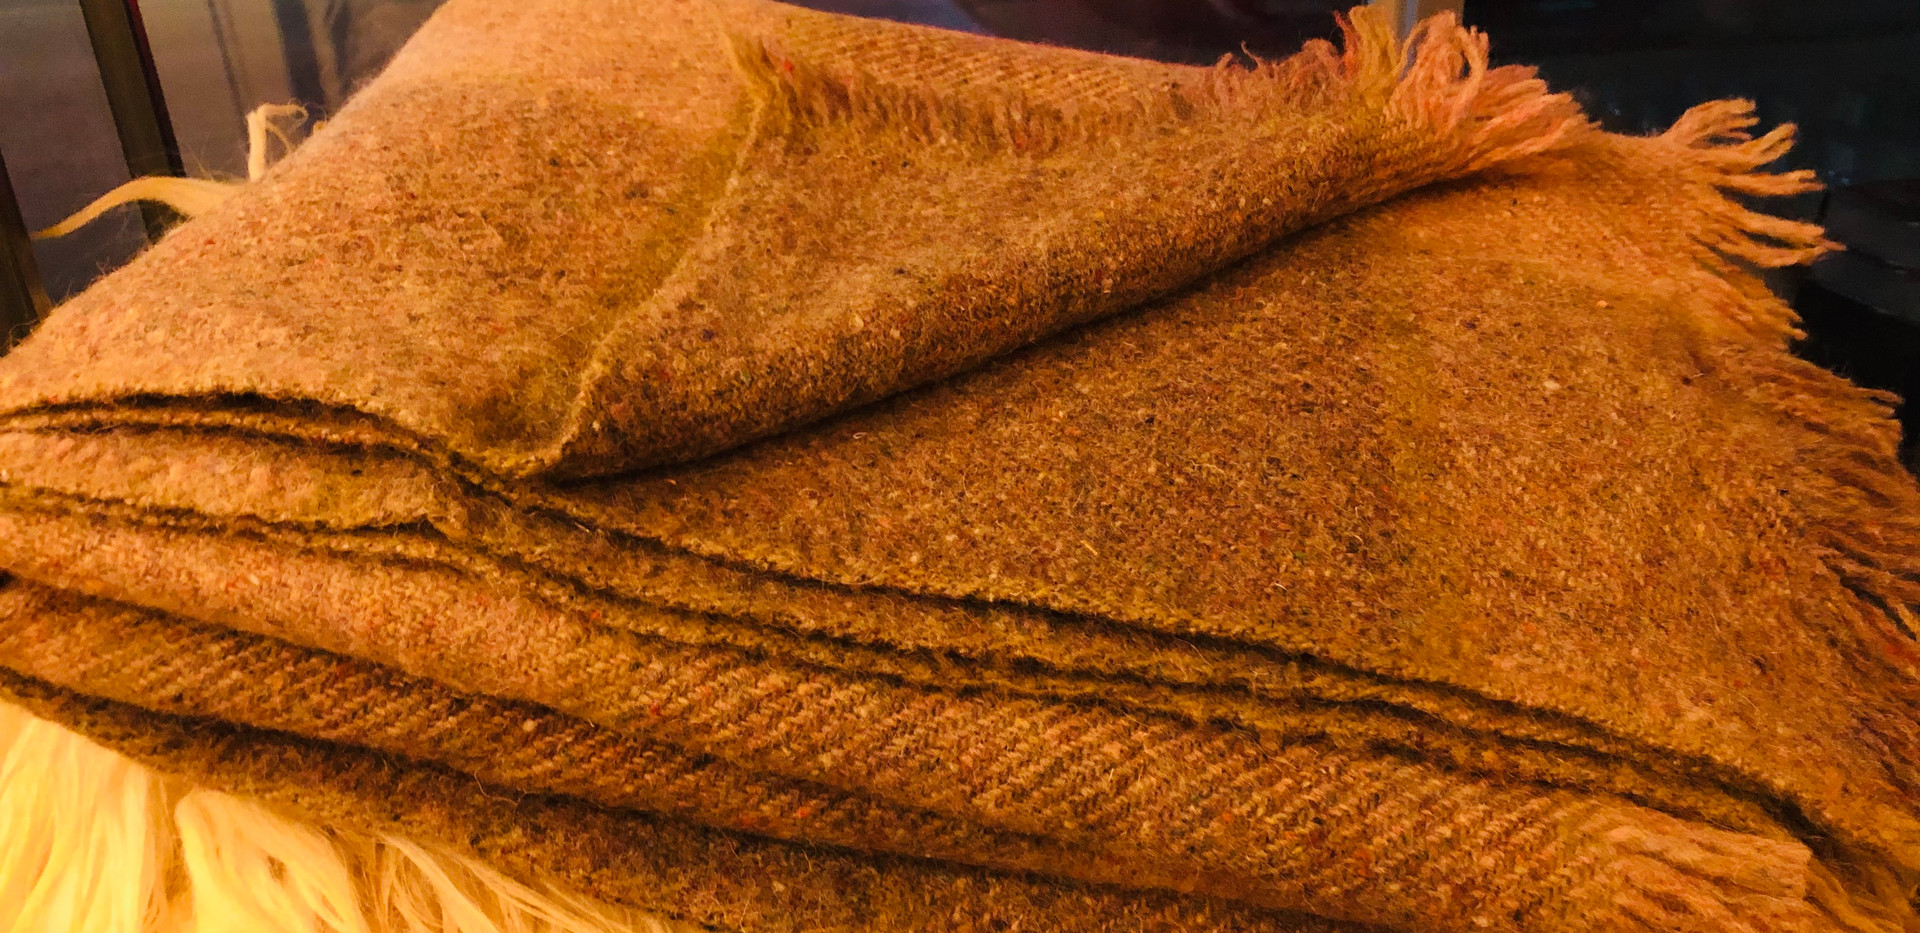 Couverture en laine fabriquée par des artisans des montagnes Rhodope (sud-est de Bulgarie)